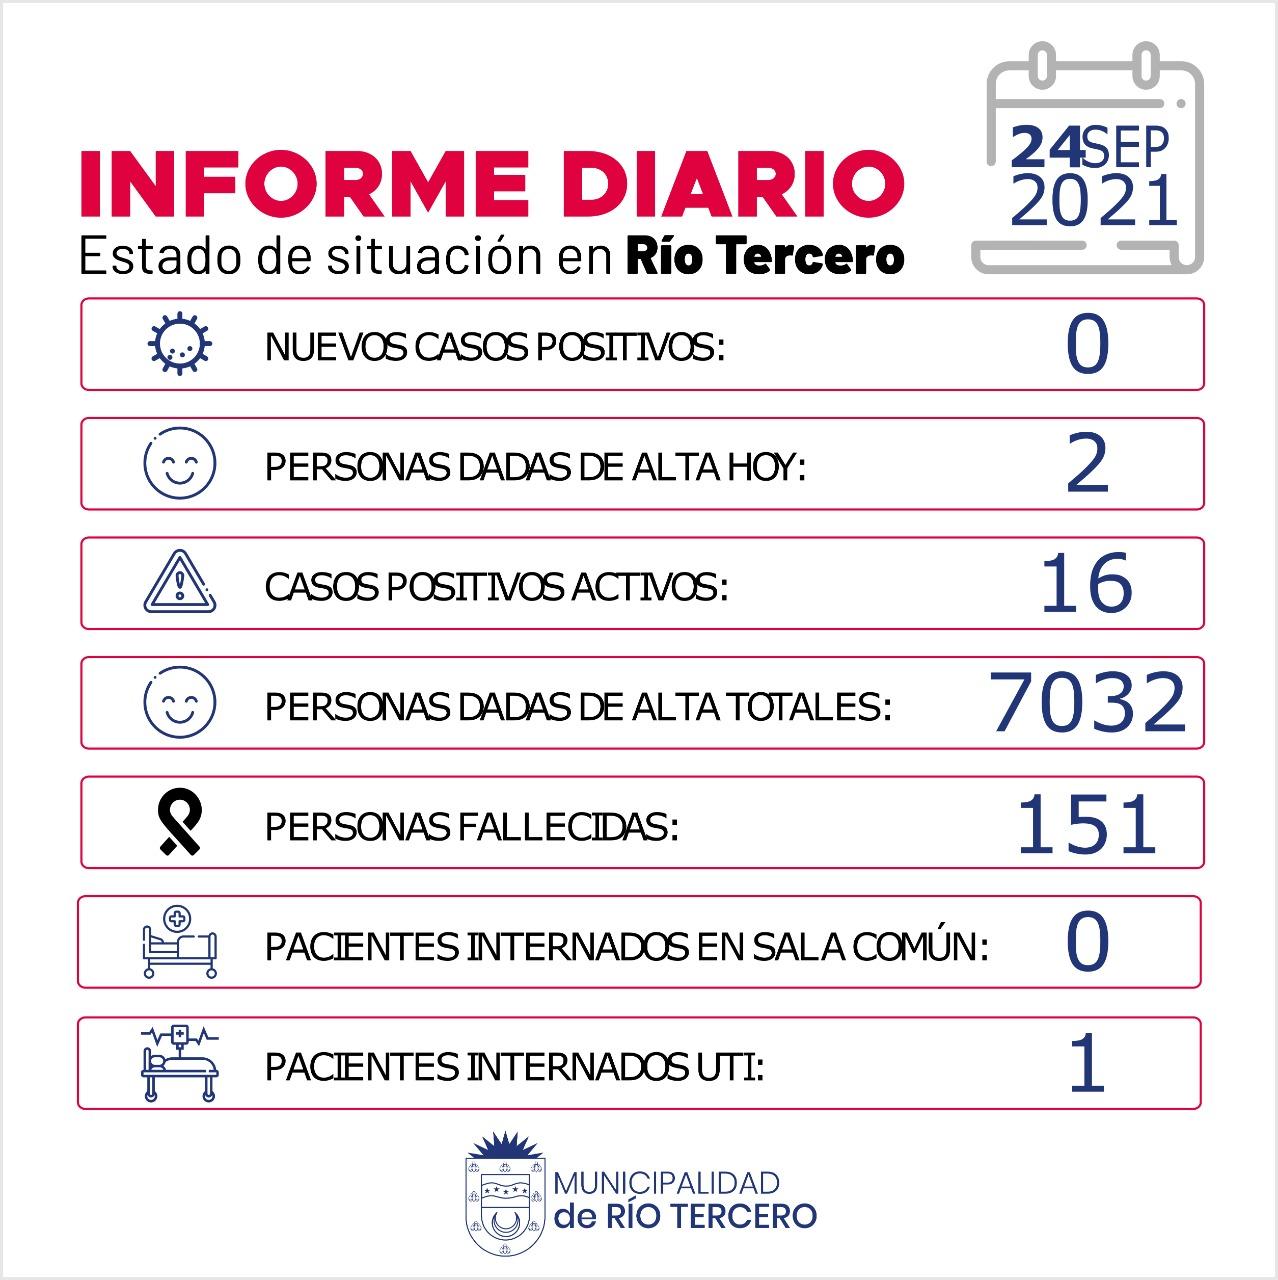 RÍO TERCERO 16 CASOS ACTIVOS: HOY NO SE REGISTRARON CASOS